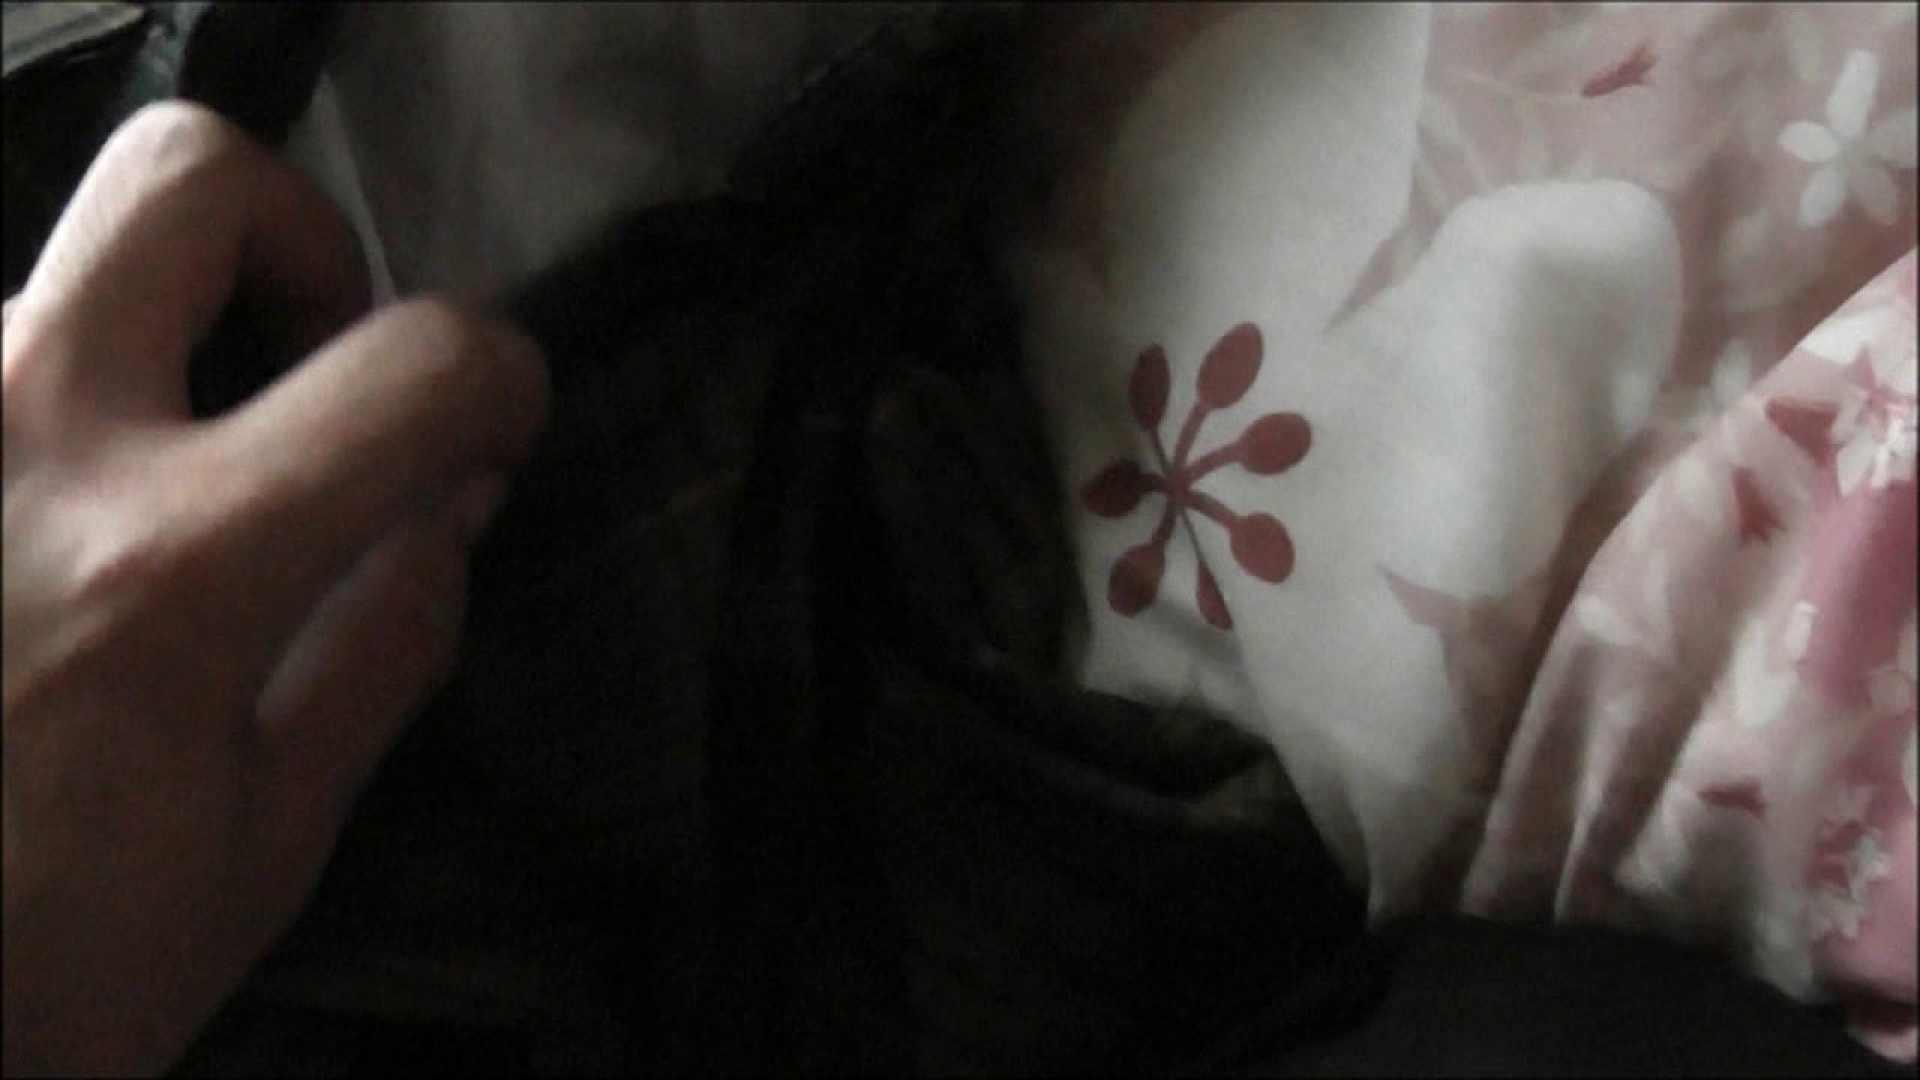 vol.3 ユリナちゃん、今日はよく魔法が効いてるようでした。 むっちり体型 おめこ無修正画像 49画像 16